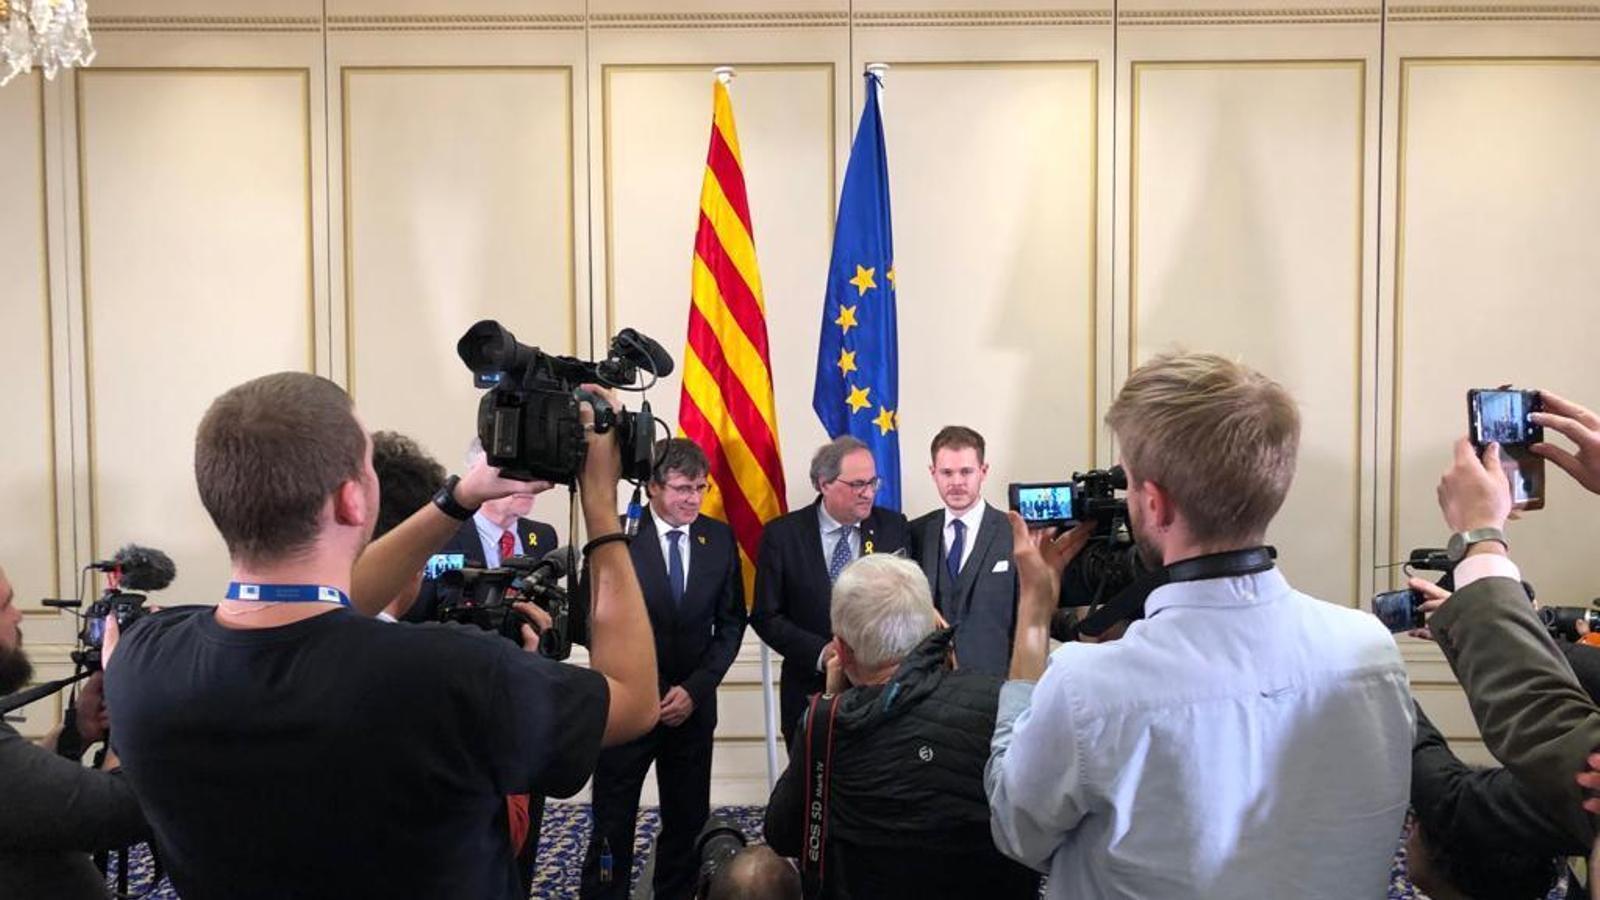 Torra i Puigdemont continuen apel·lant a Europa malgrat el veto del Parlament